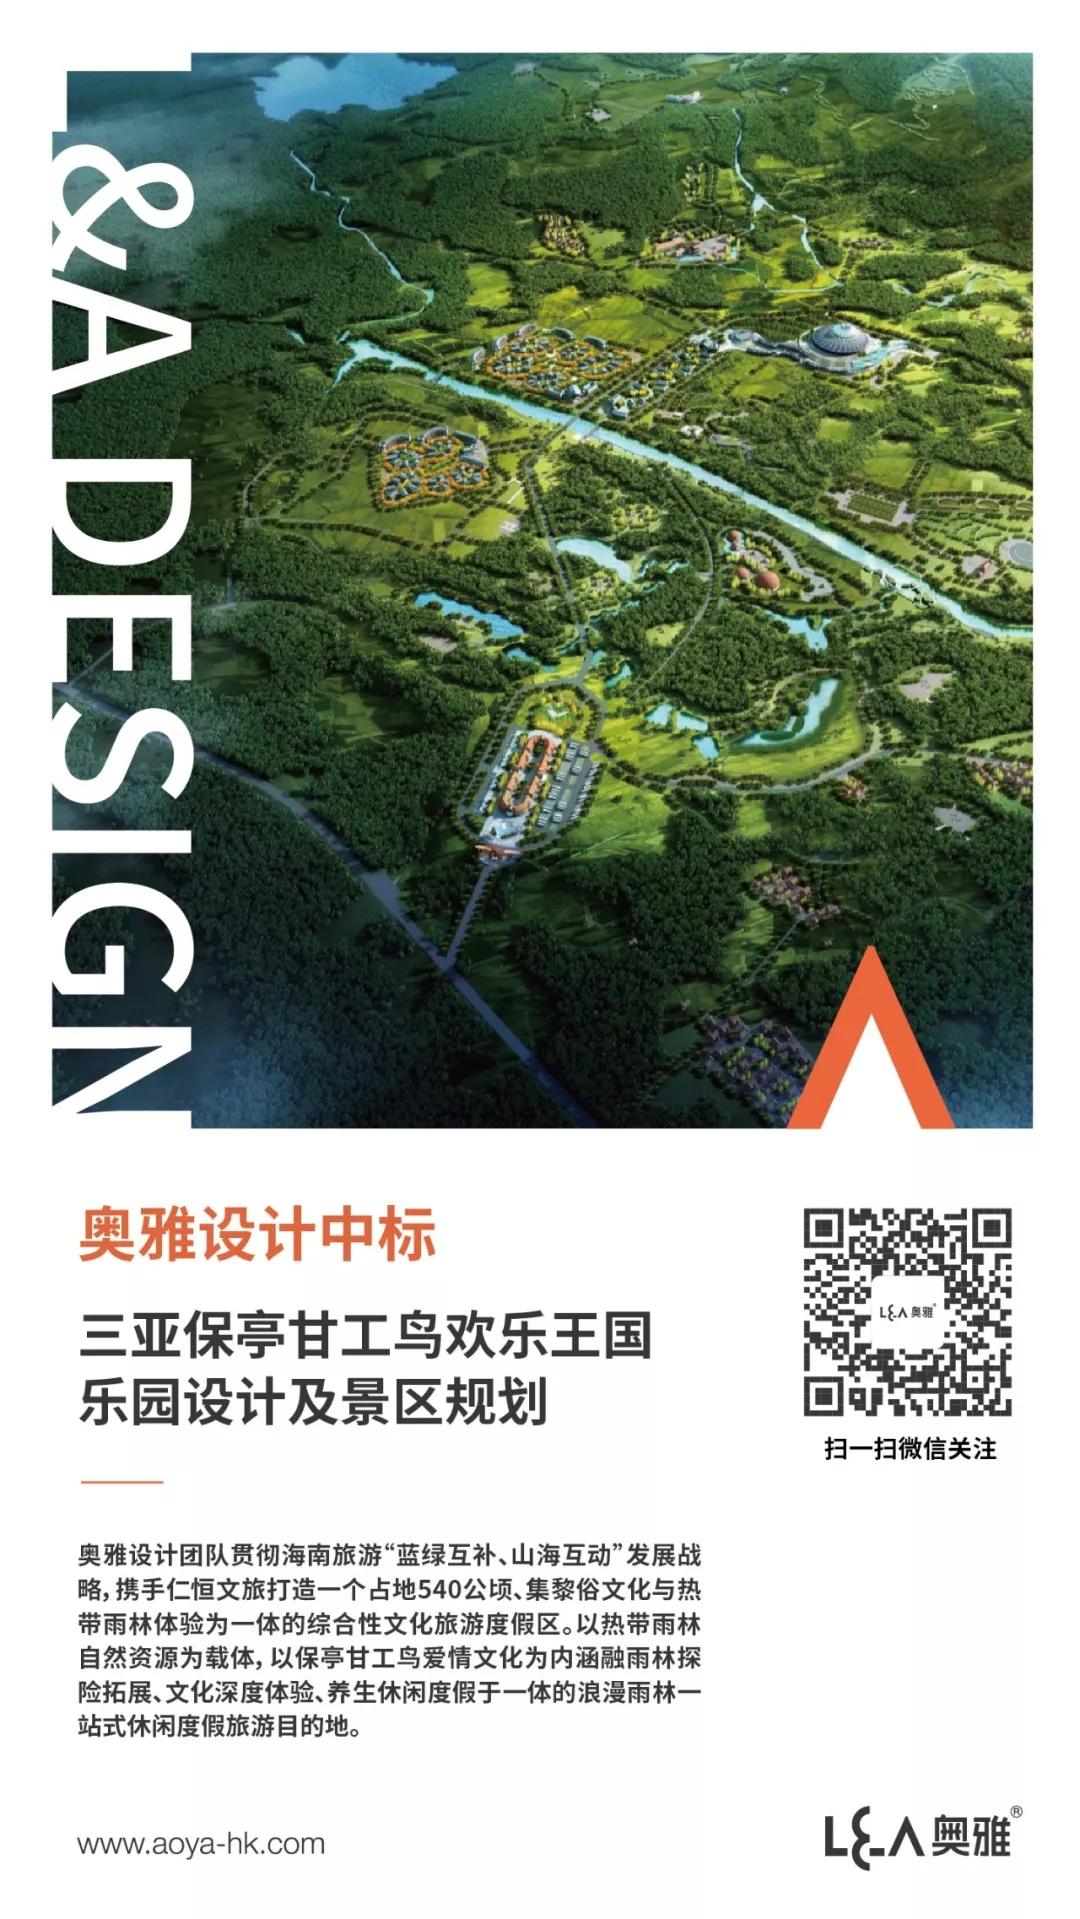 奥雅设计中标三亚保亭甘工鸟欢乐王国乐园设计及景区规划